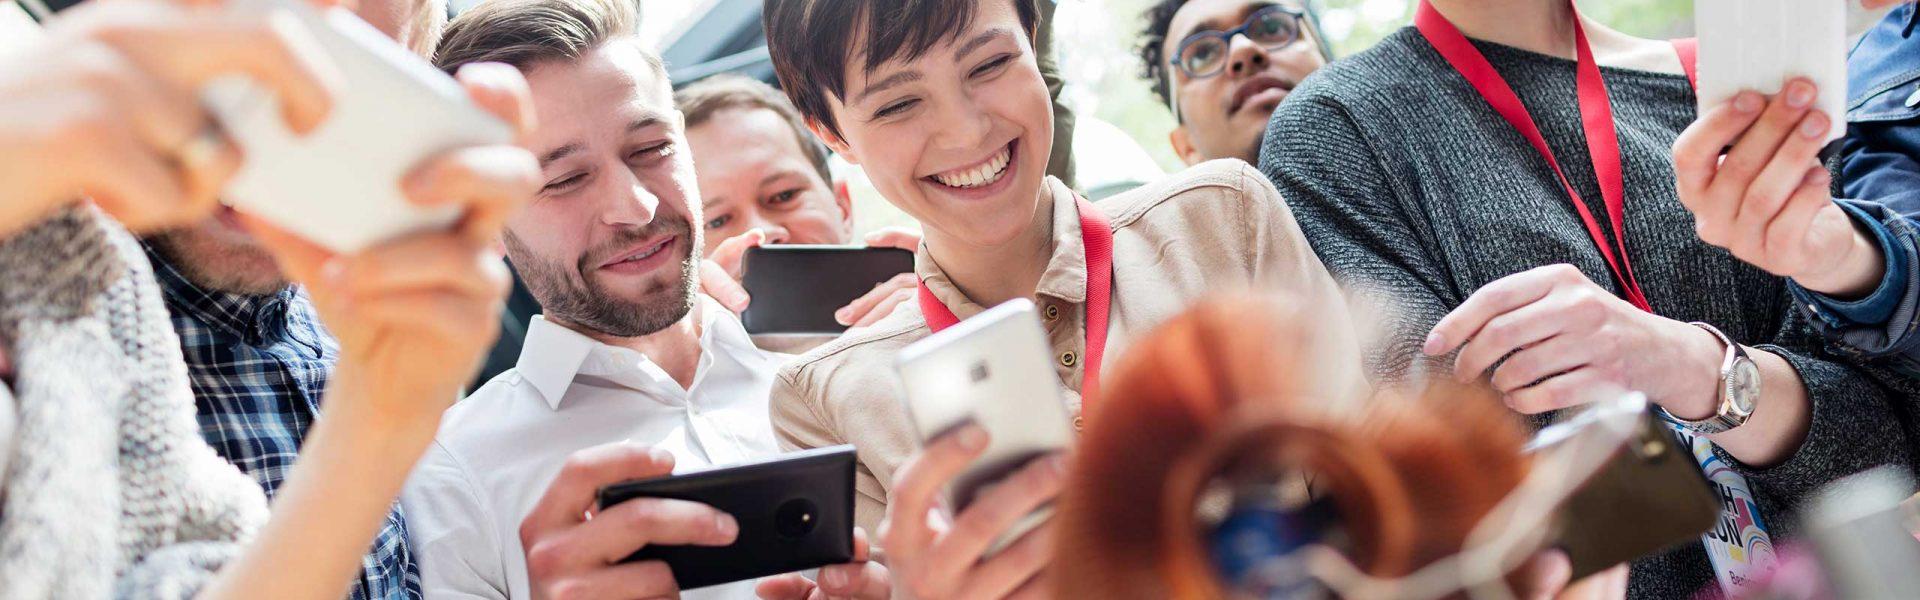 Social Media Workshops zu Themen wie Facebook und Instagram zeigen Ihnen, wie Sie richtig und zielführend mit den Medien arbeiten.